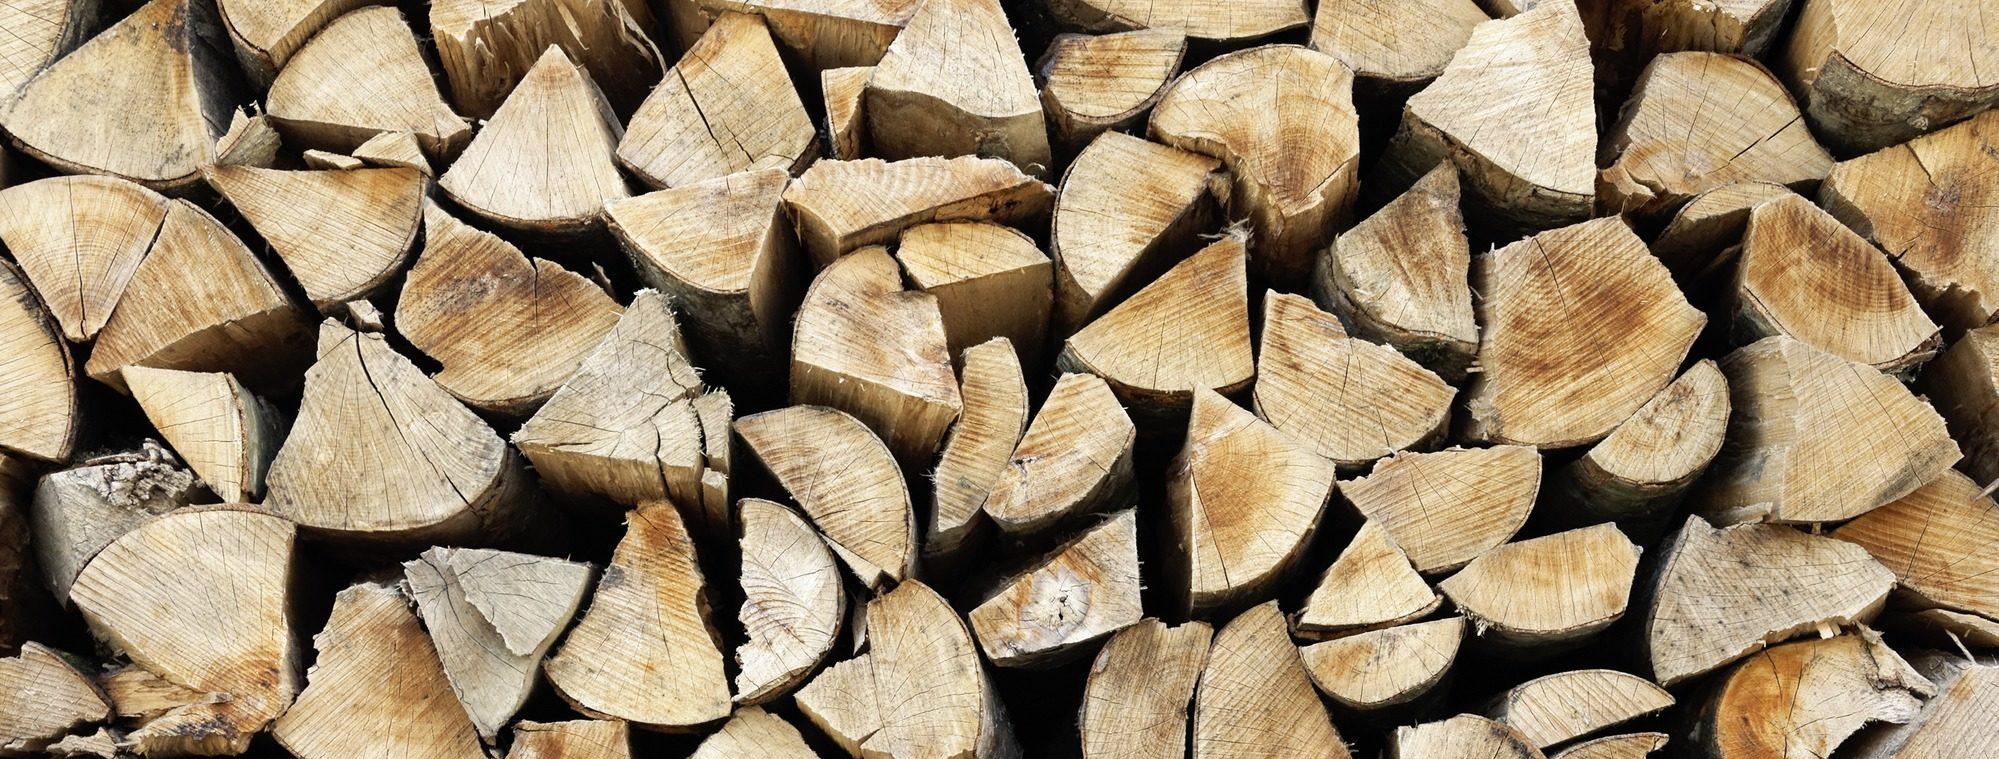 Comment choisir son bois de chauffage ?